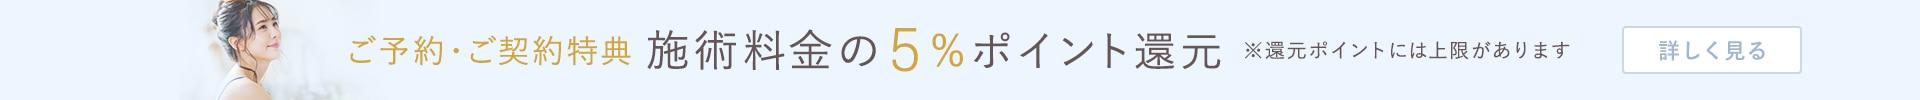 ご予約・ご契約特典 施術料金の5%ポイント還元